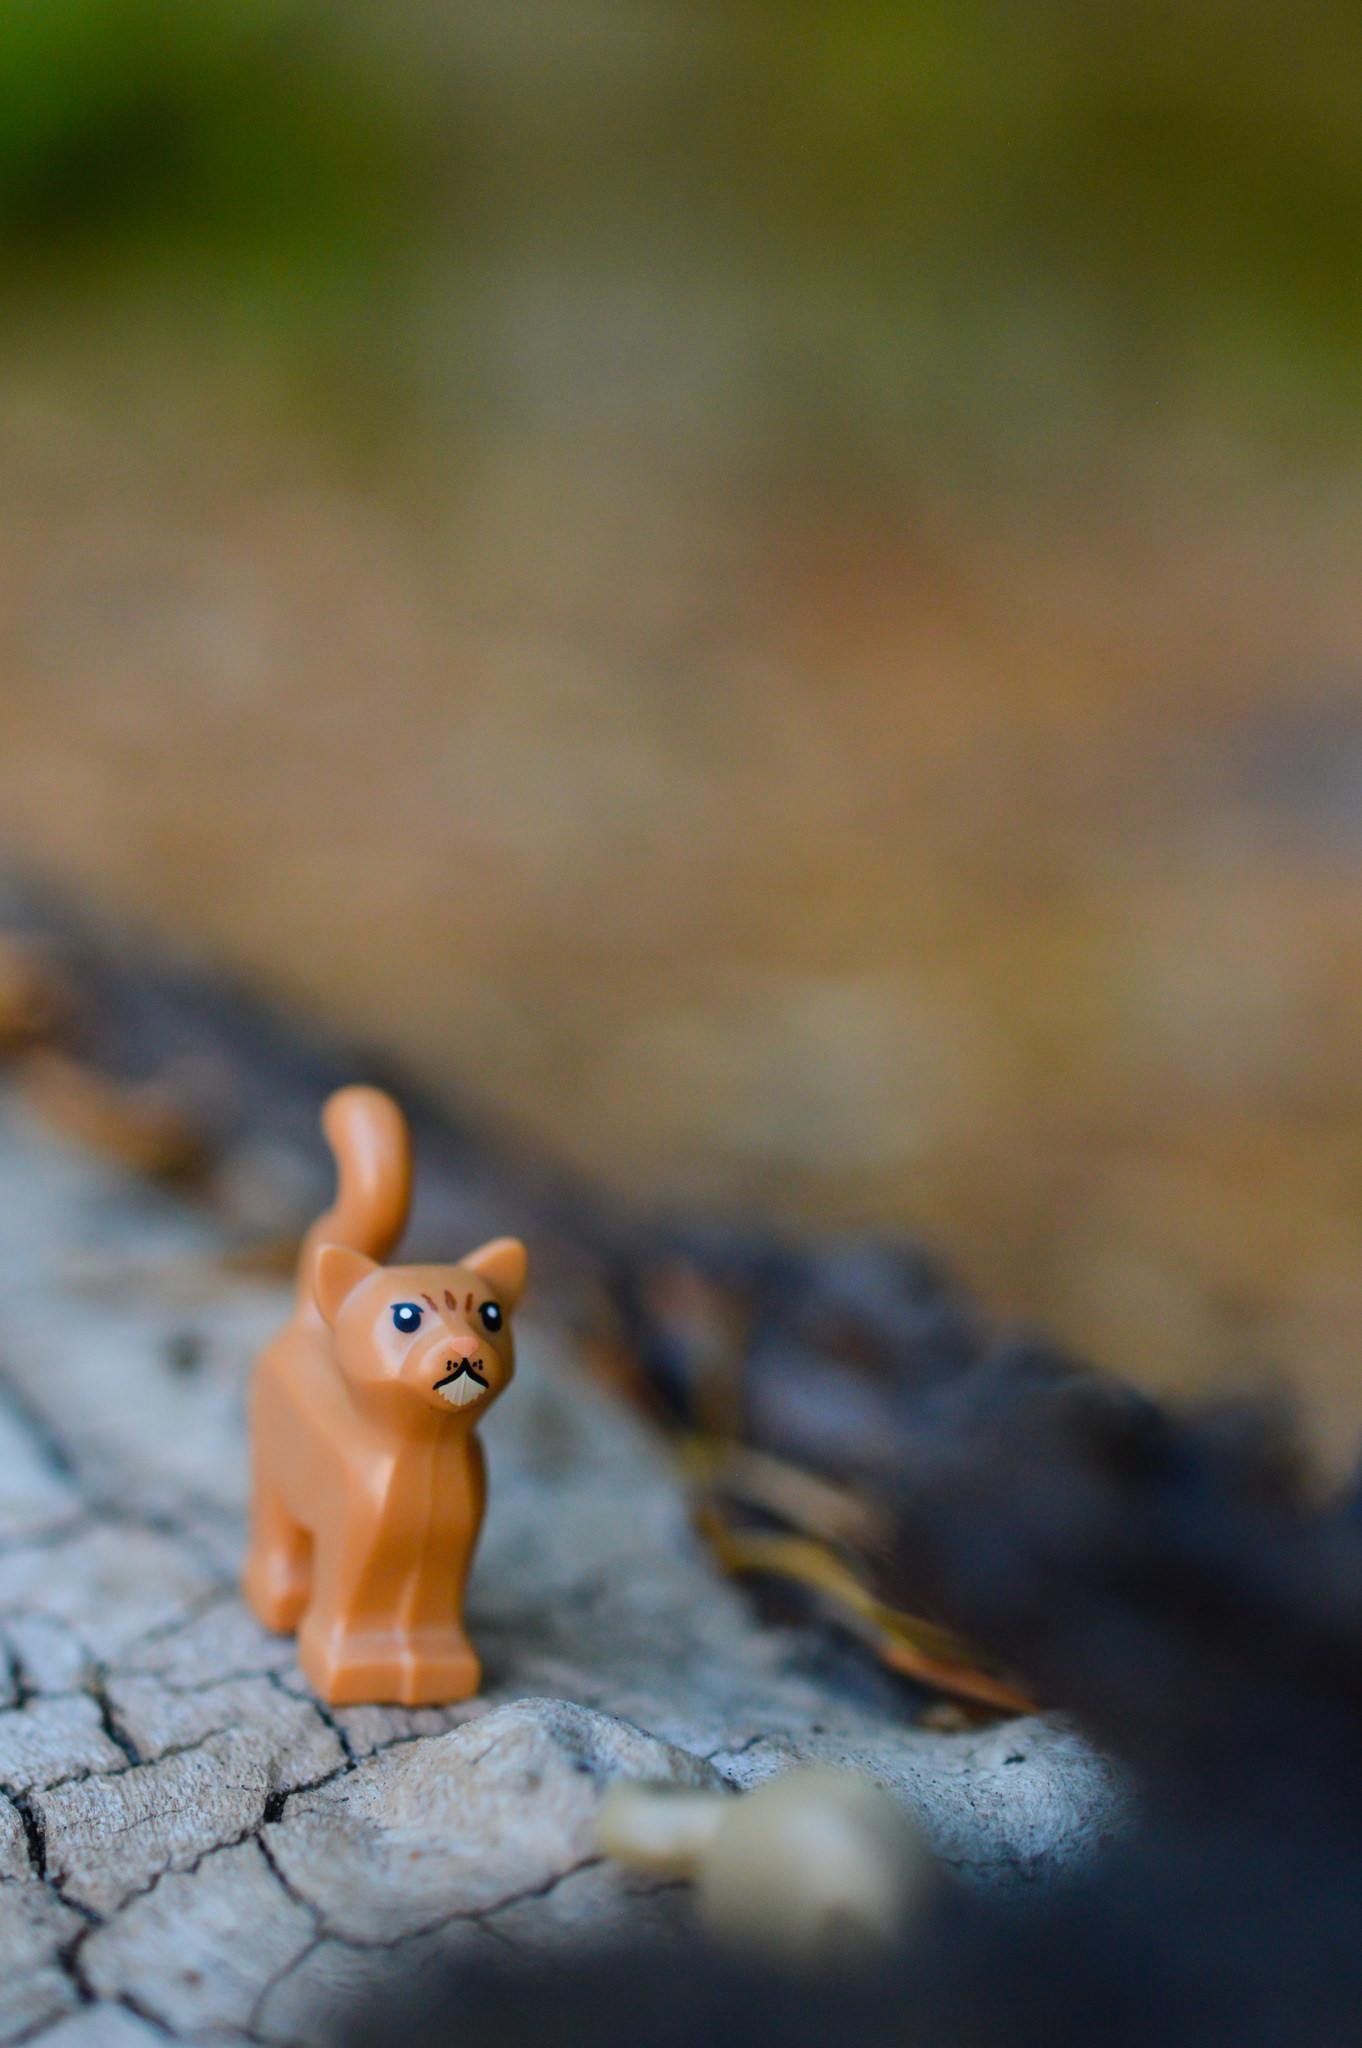 Crookshanks chasing Wormtail